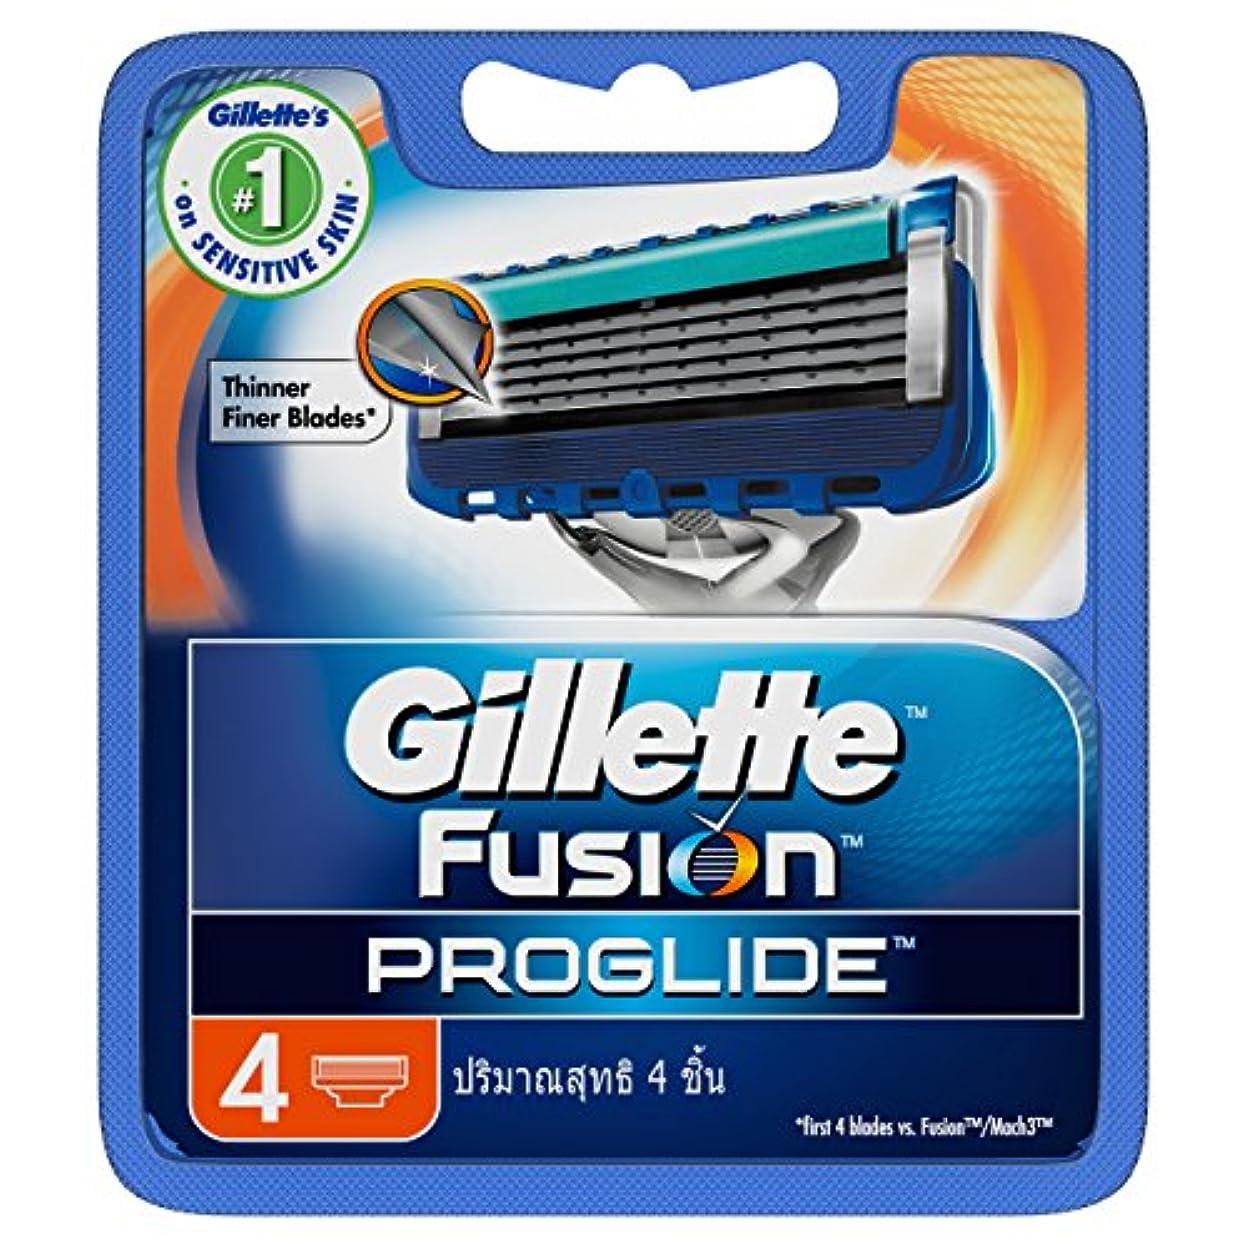 放棄された不格好時刻表Gillette Fusion Proglide Shaving Cartridges 4